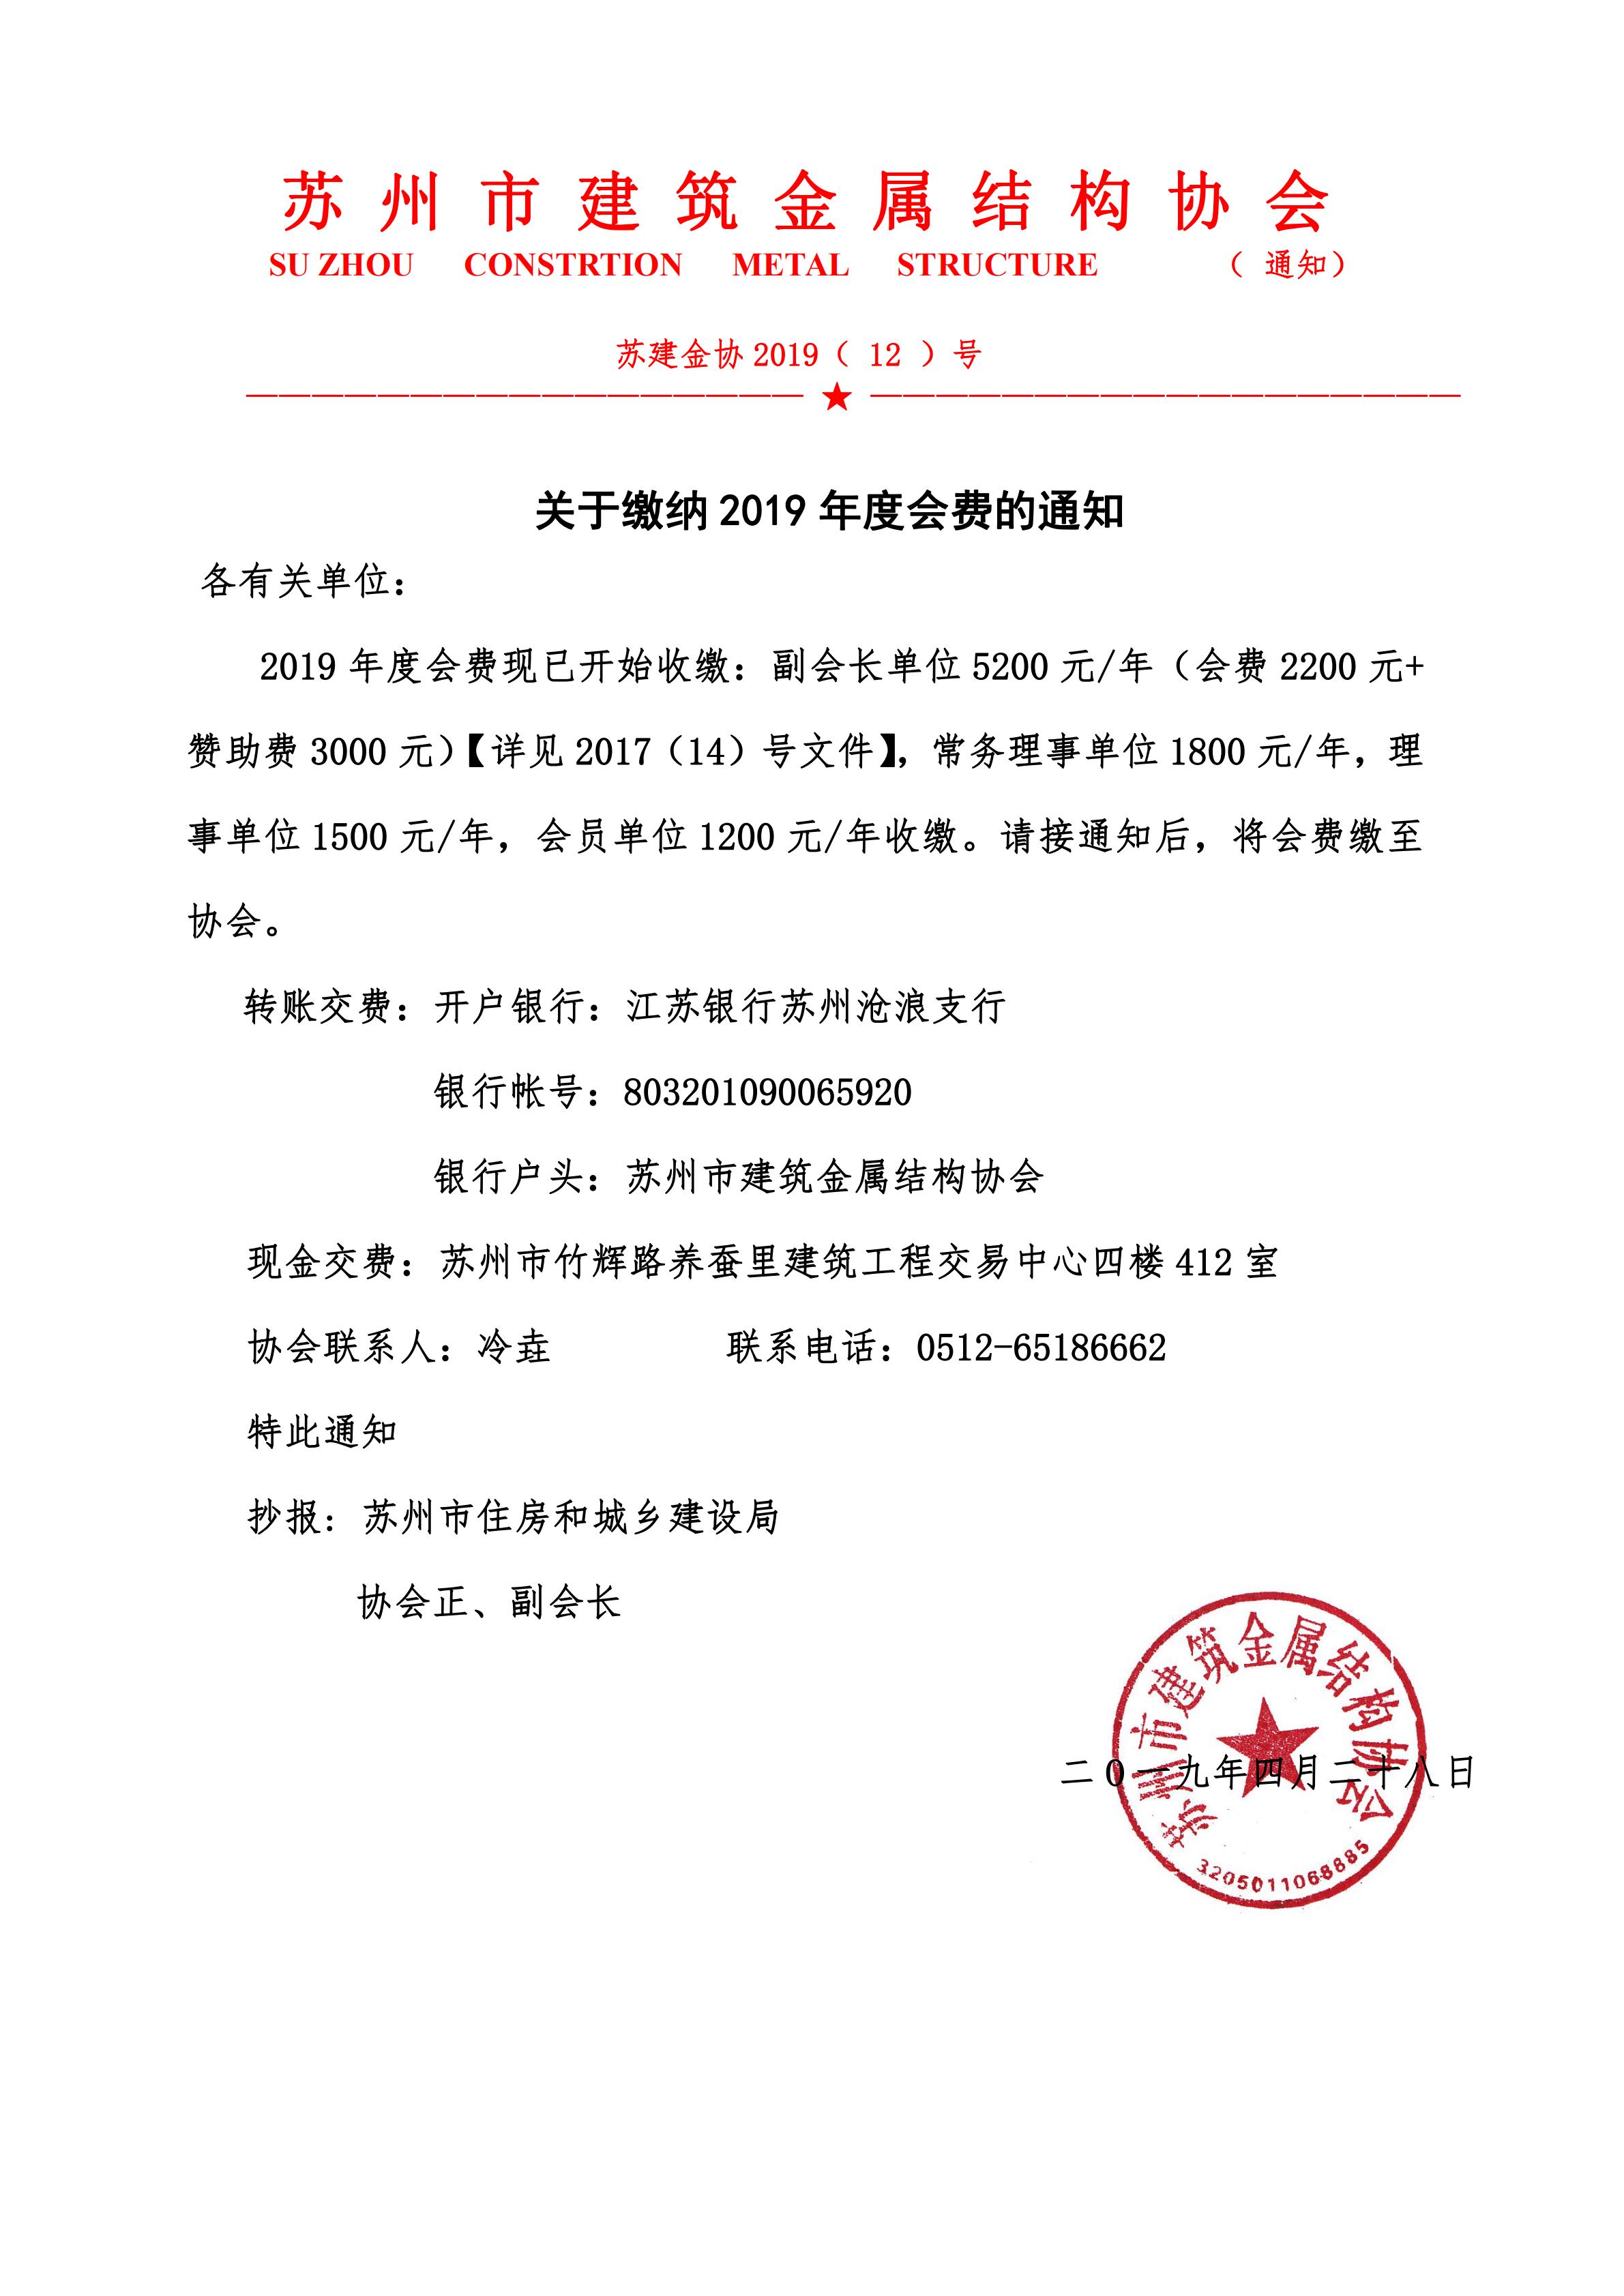 2019-12号文关于缴纳19年度会费通知_00